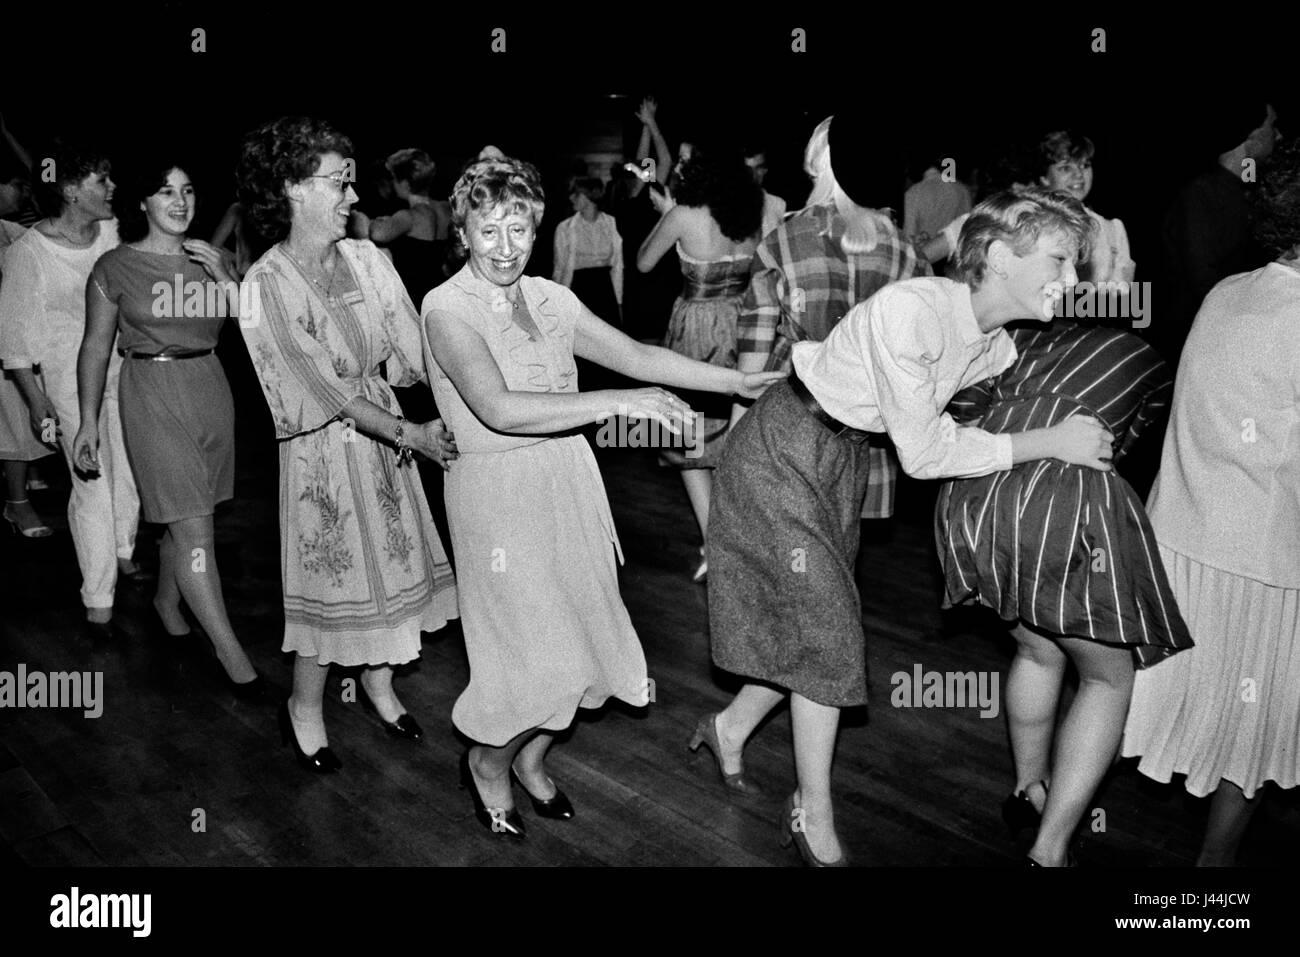 Ligne Conga toutes seules les filles femmes danser ensemble des années 80, Londres Uk ballroom hen party privé. Photo Stock